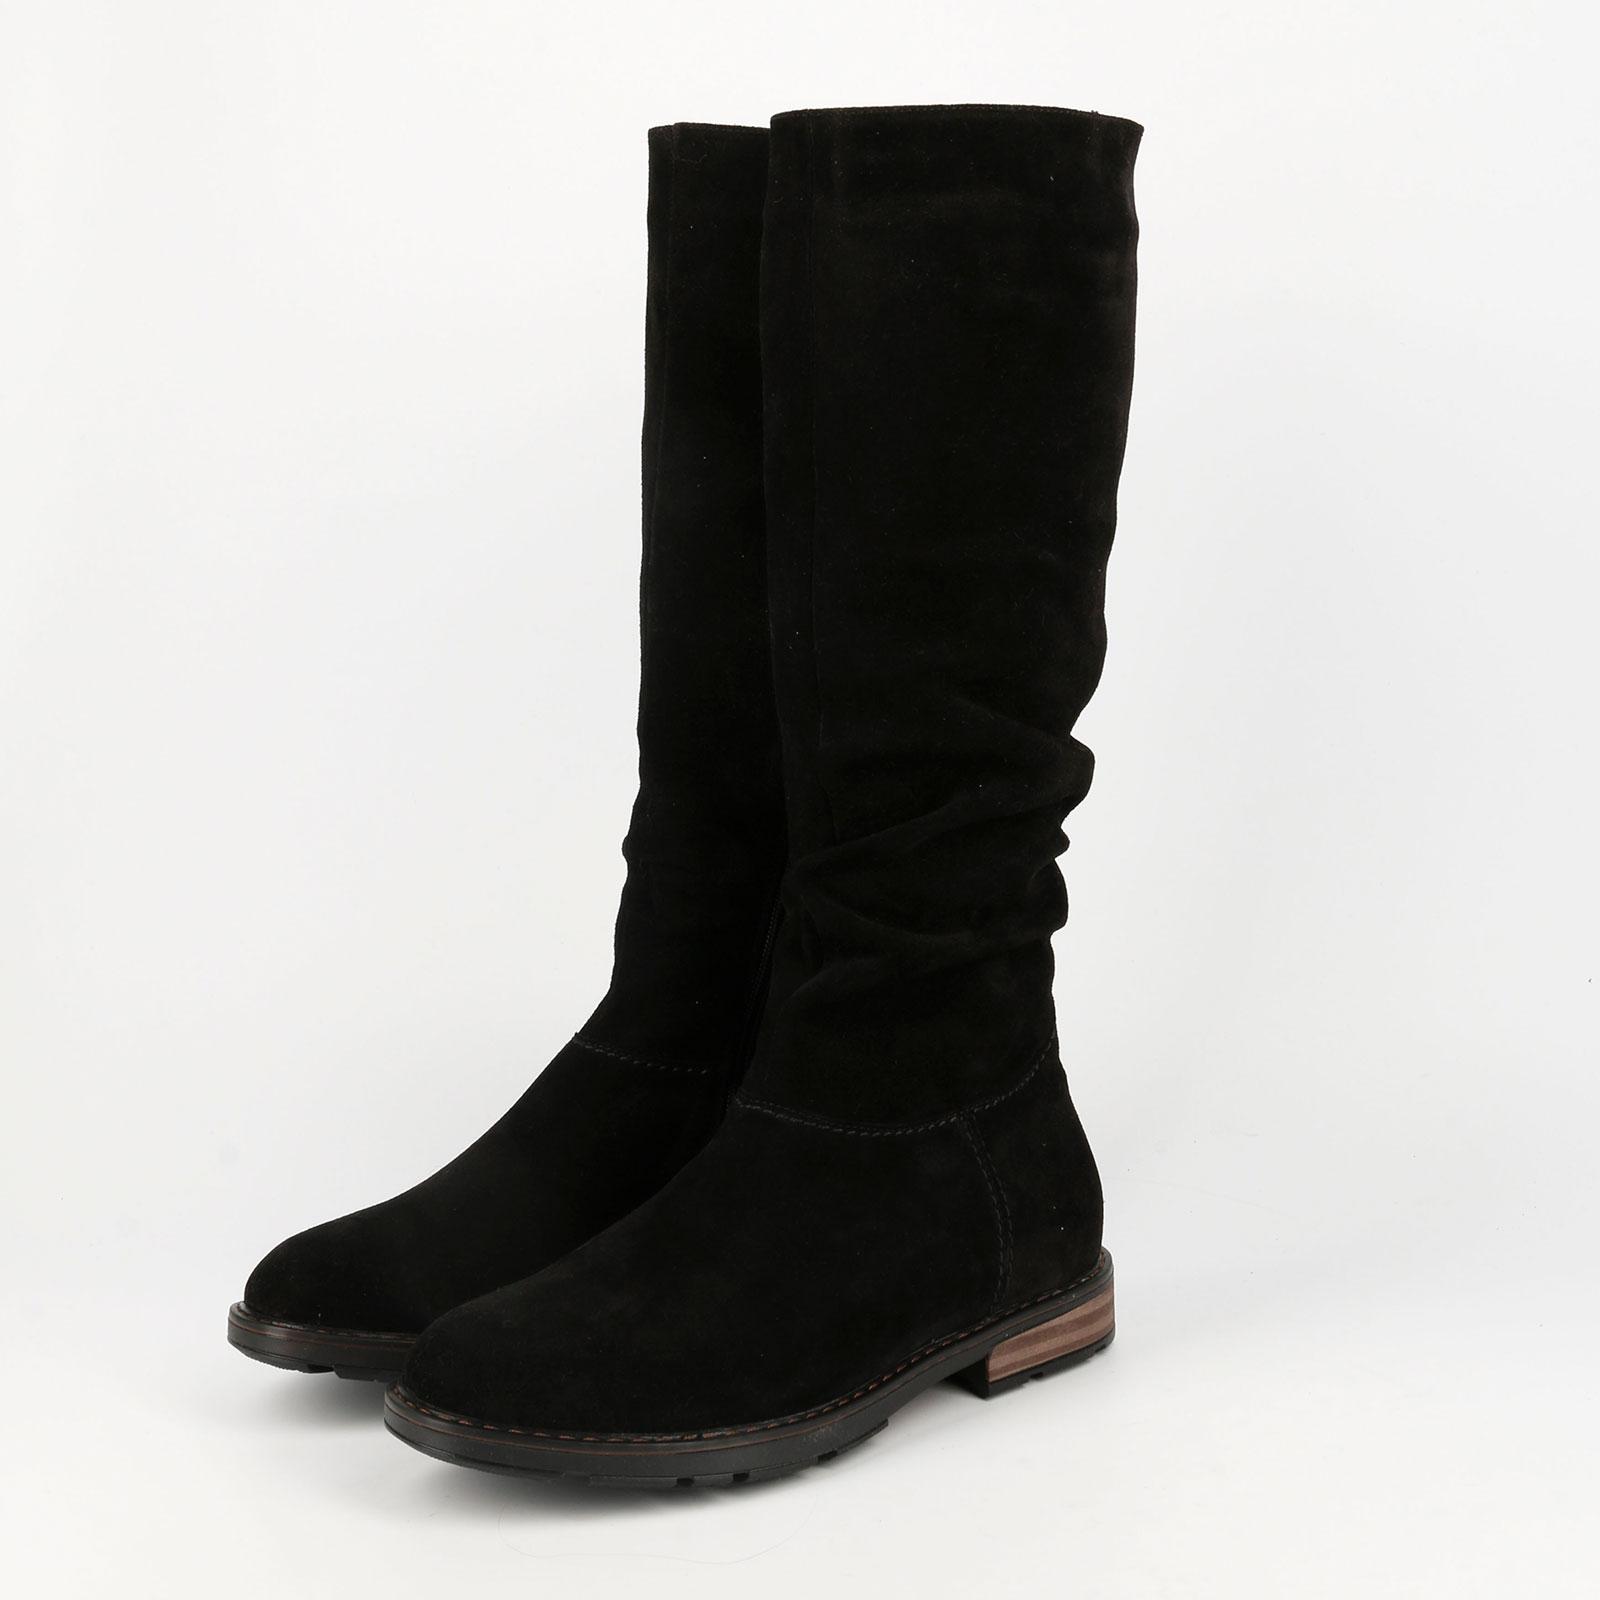 Сапоги женские велюровые на каблуке